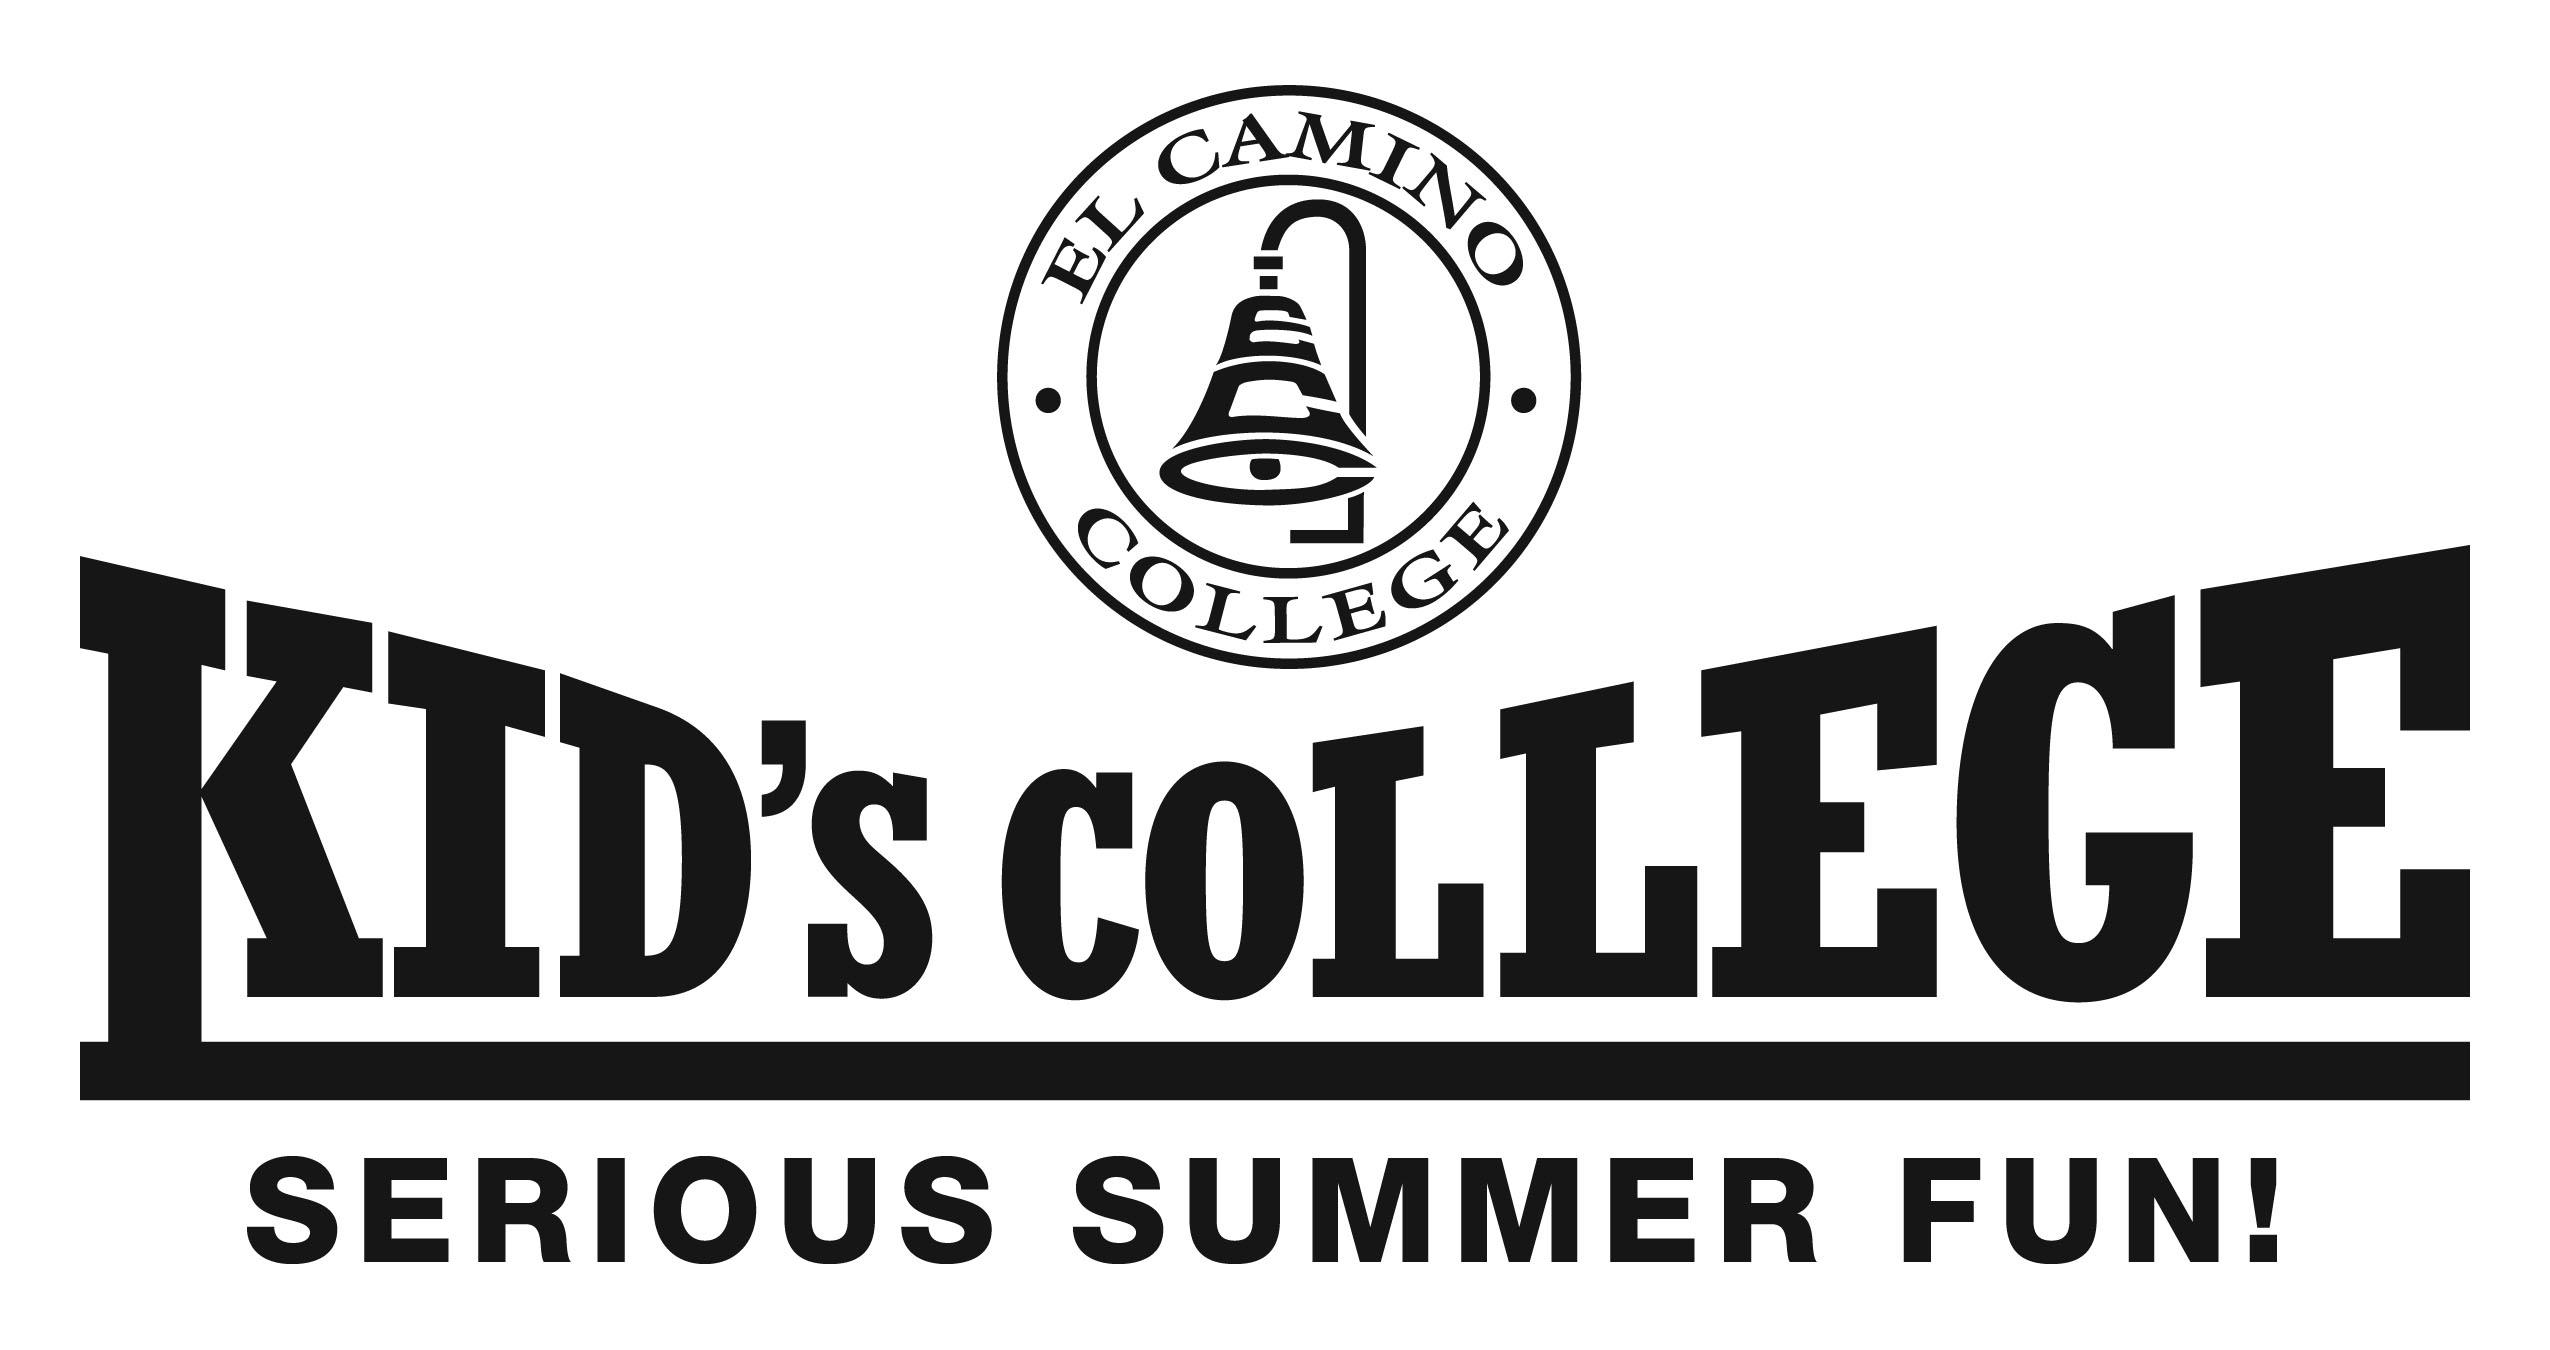 El Camino College >> Welcome To El Camino College Community Education